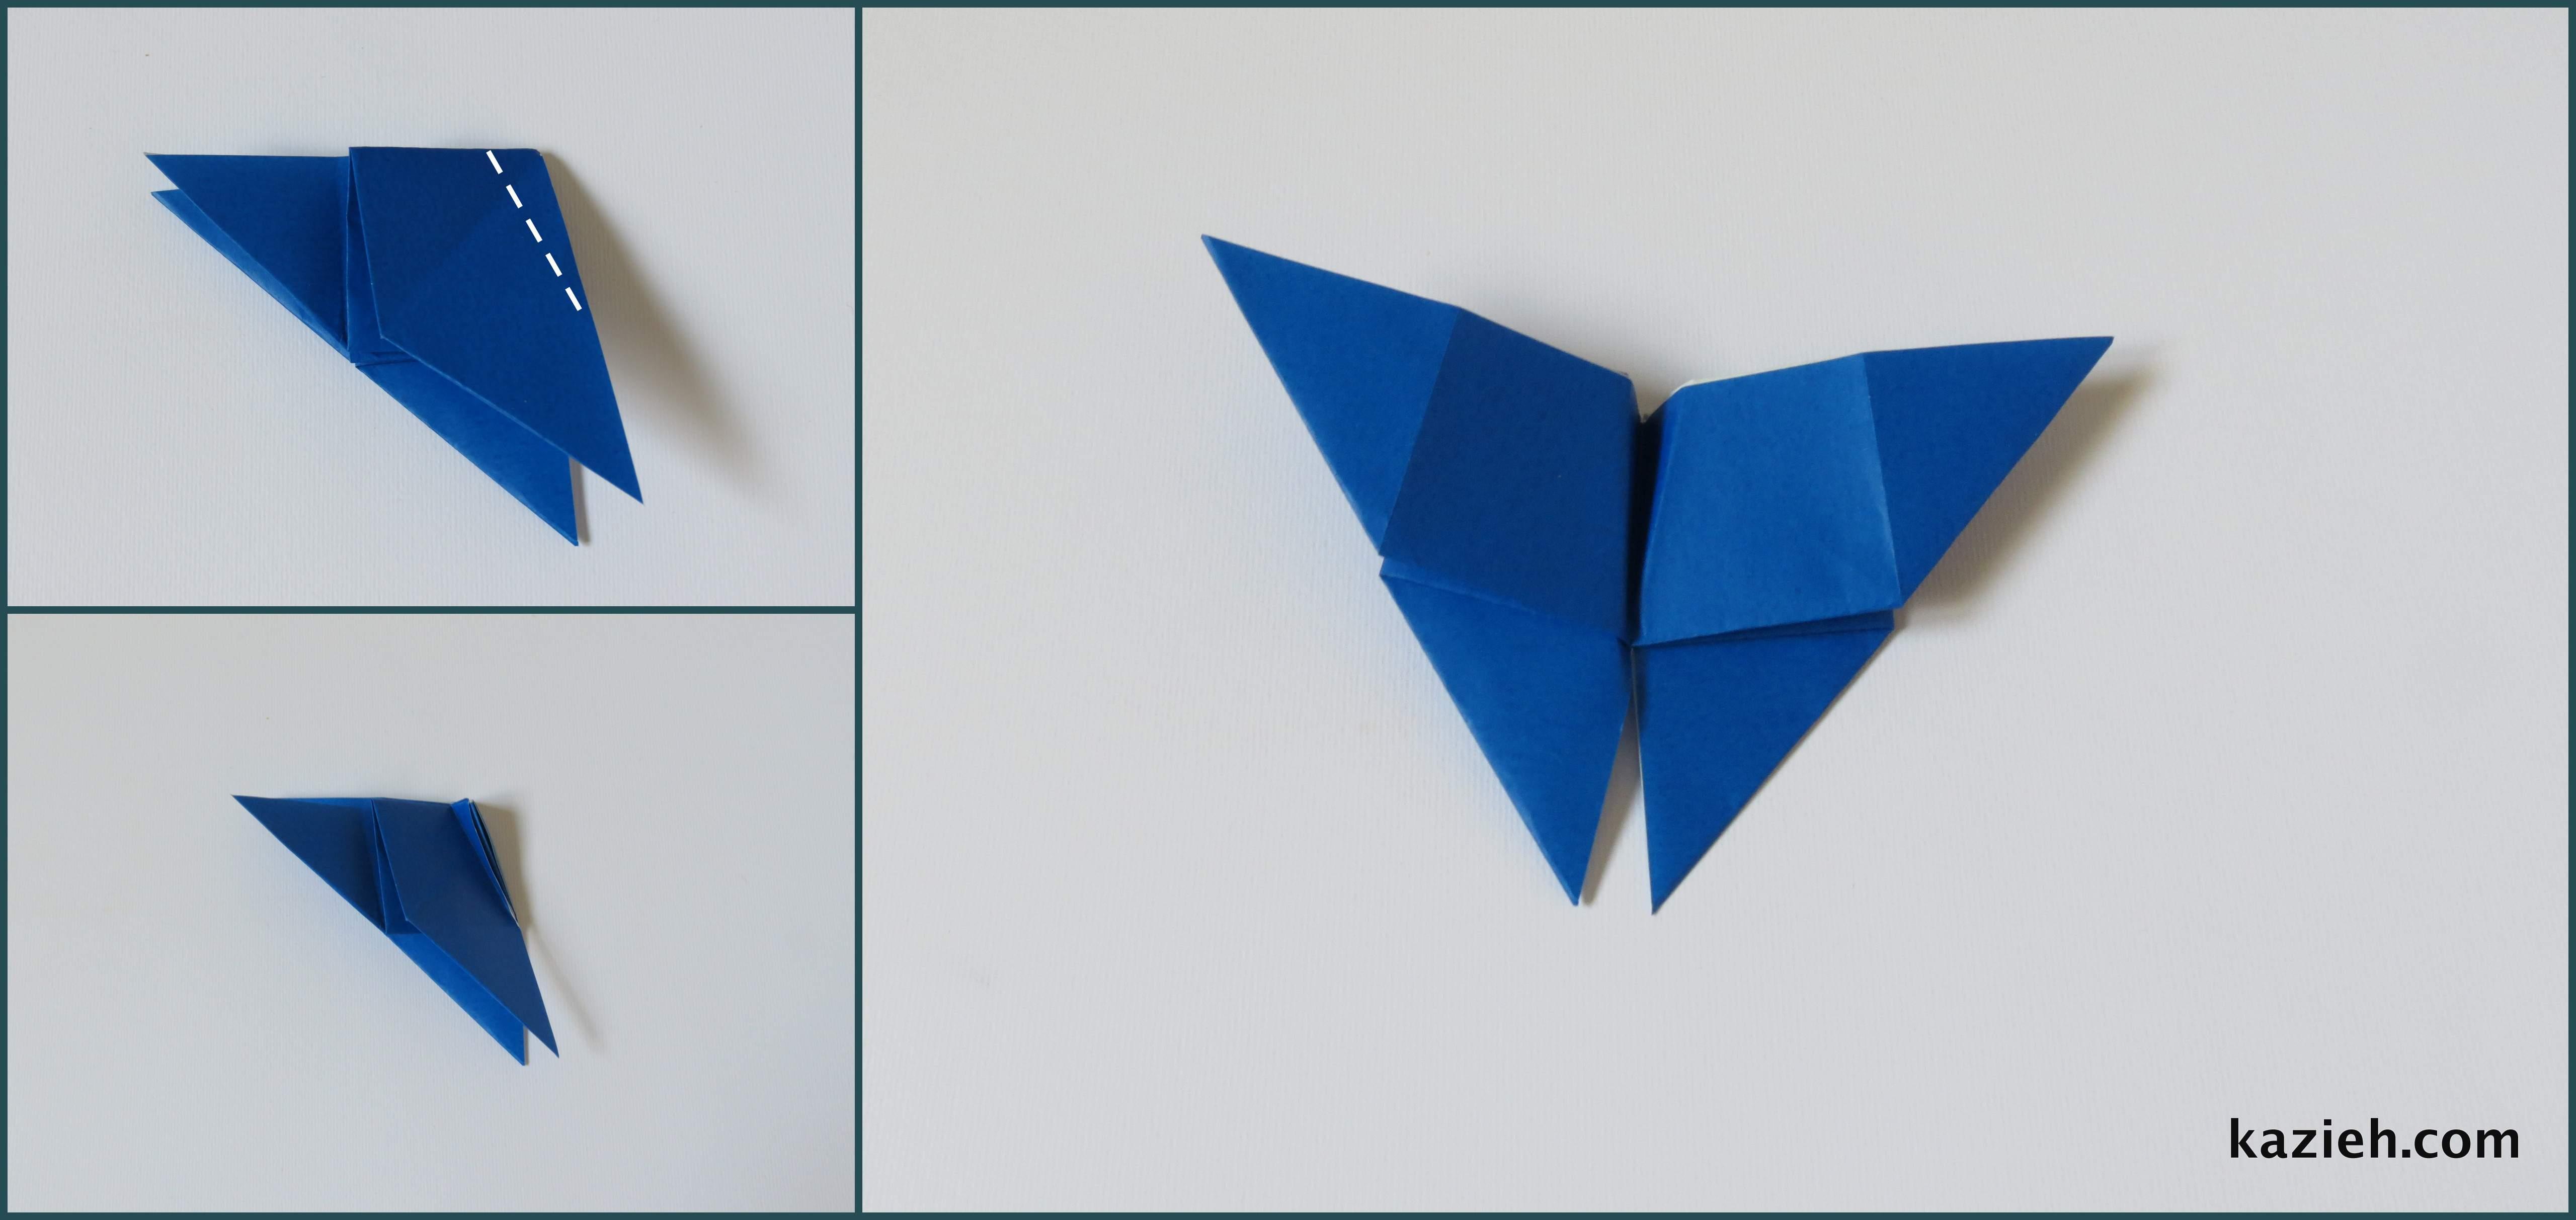 آموزش پروانه اوریگامی ساده -مرحله پنجم- کازیه